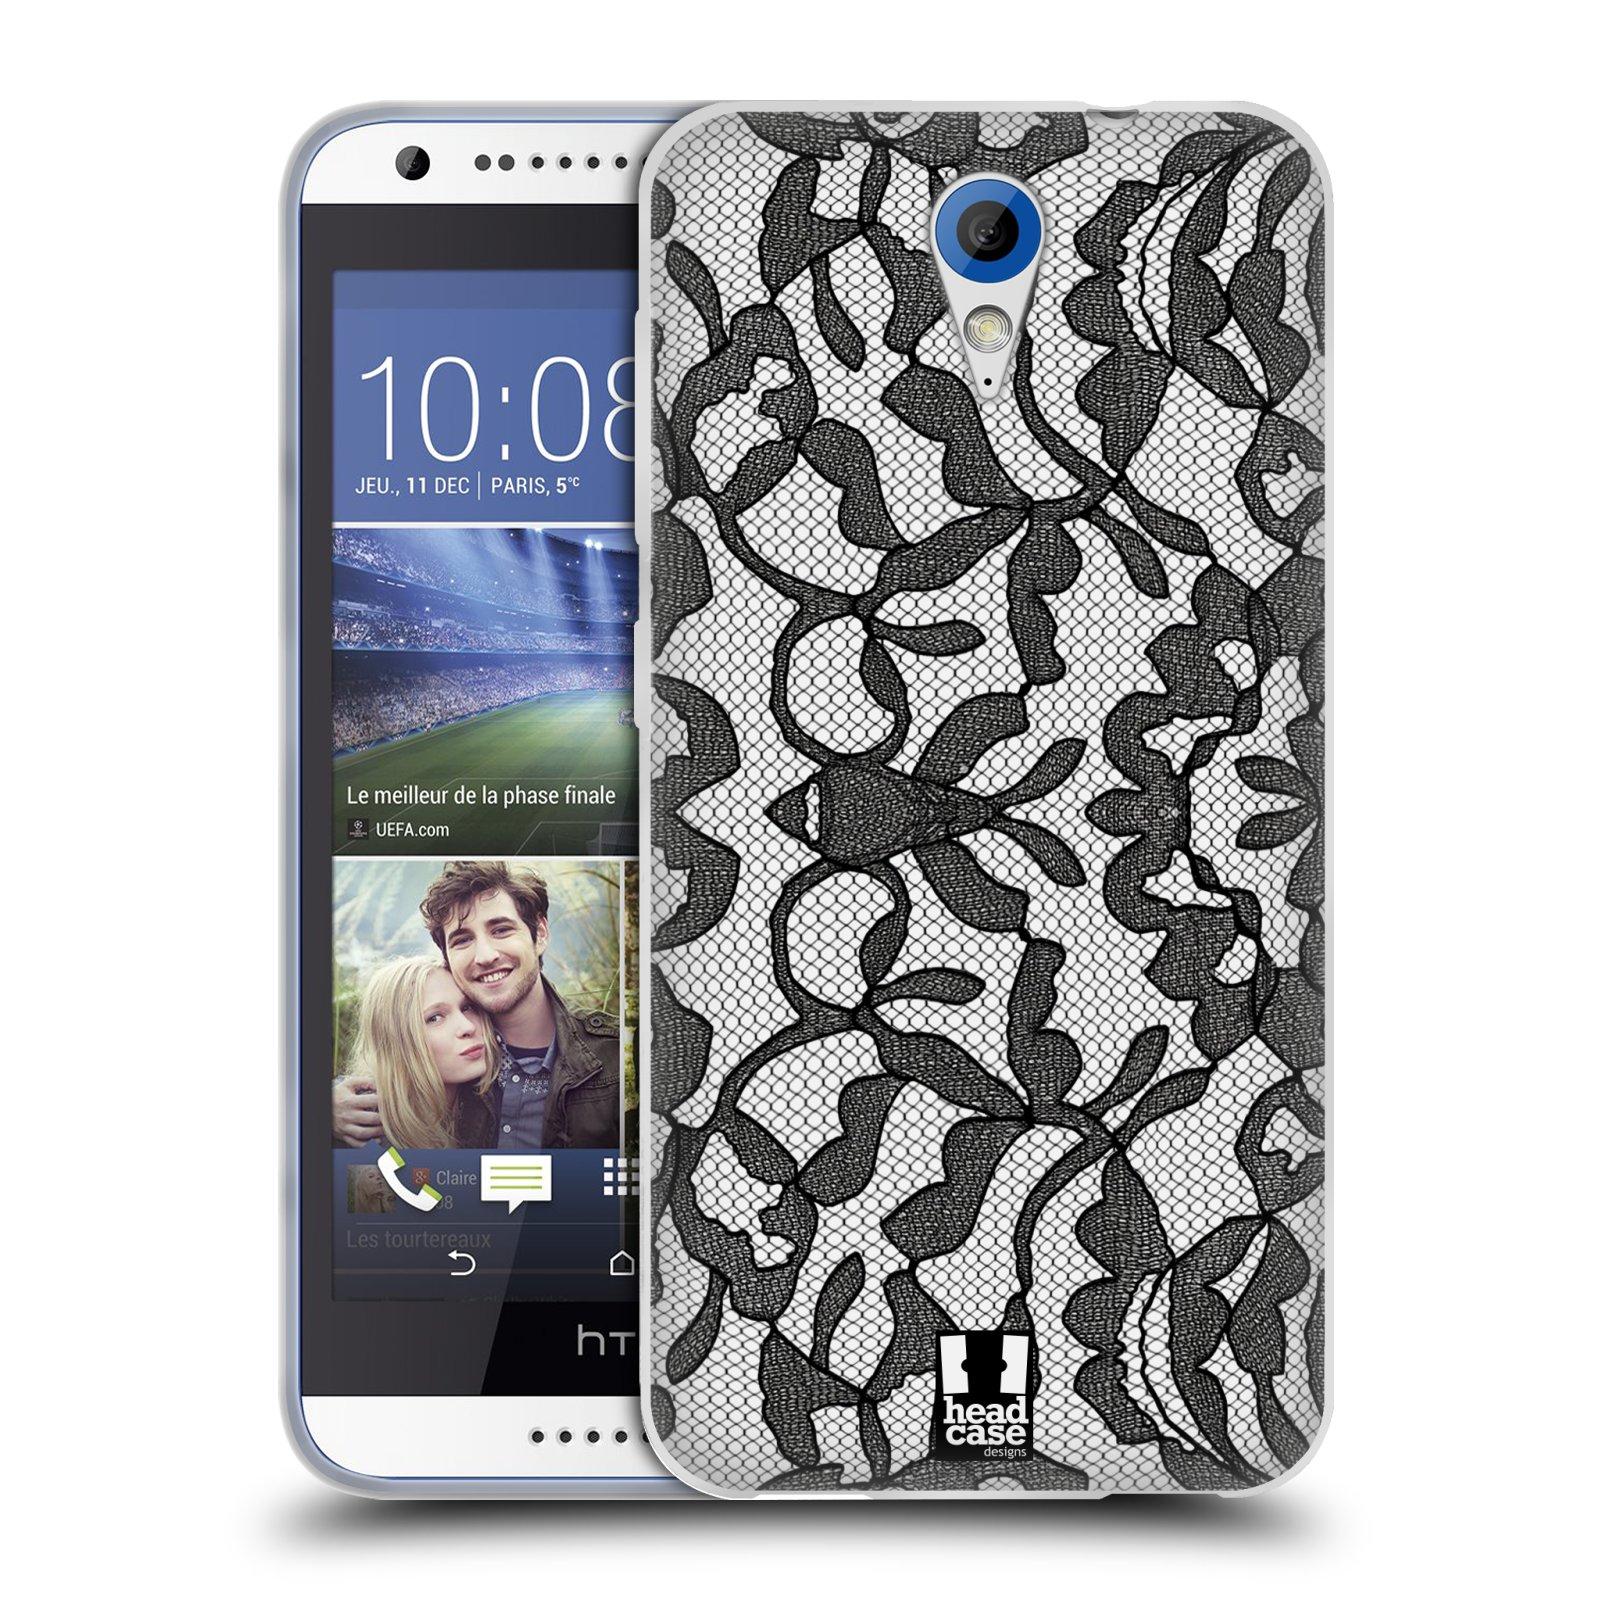 Silikonové pouzdro na mobil HTC Desire 620 HEAD CASE LEAFY KRAJKA (Silikonový kryt či obal na mobilní telefon HTC Desire 620)